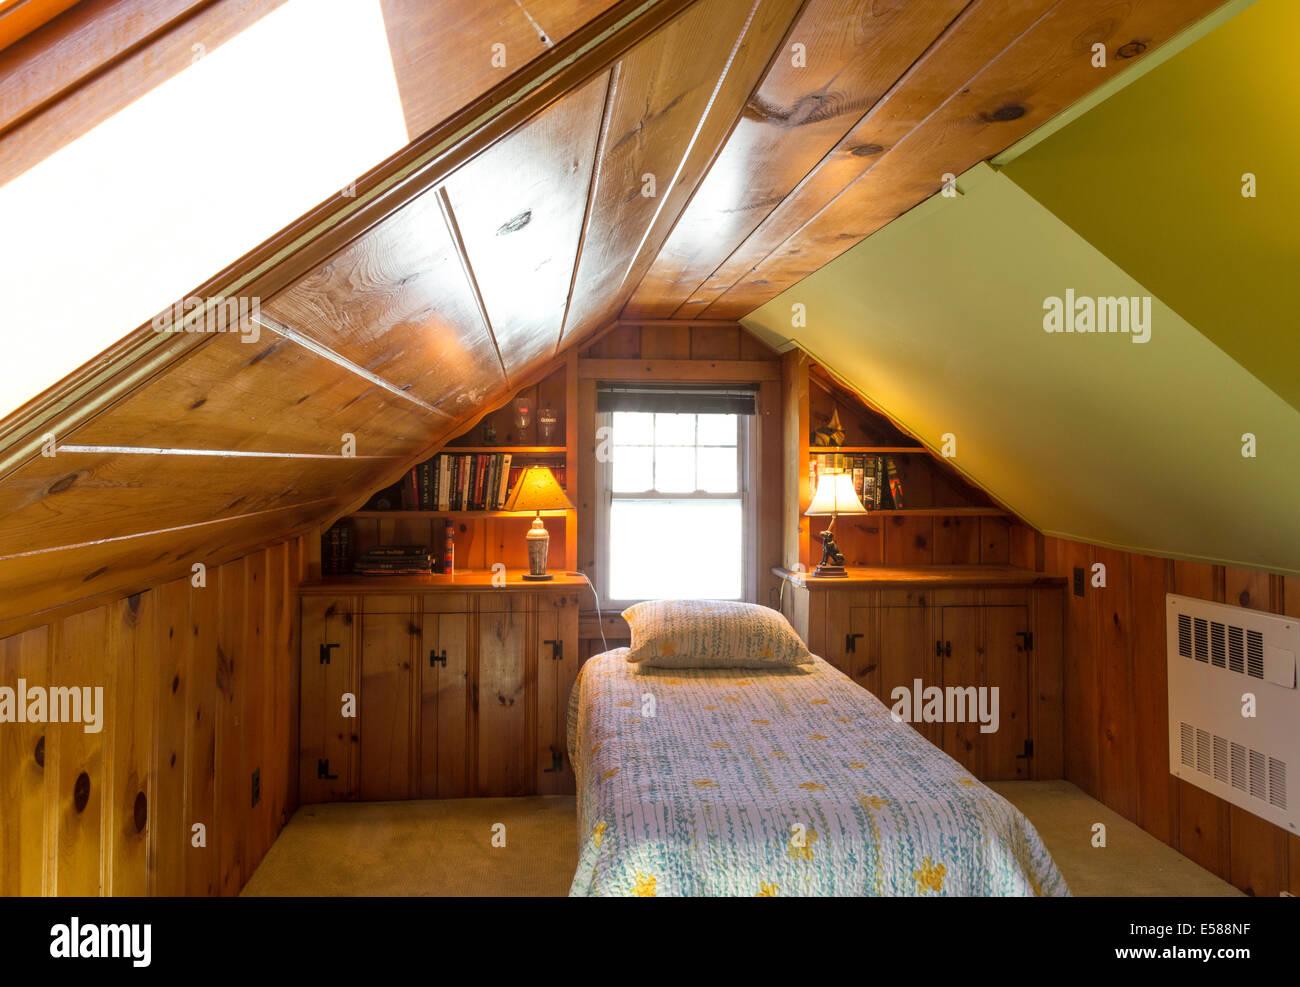 Holzvertäfelte Dachgeschoss Schlafzimmer Mit Dachschräge, Einzelbett,  Wohngebäude, Wohn Haus, USA